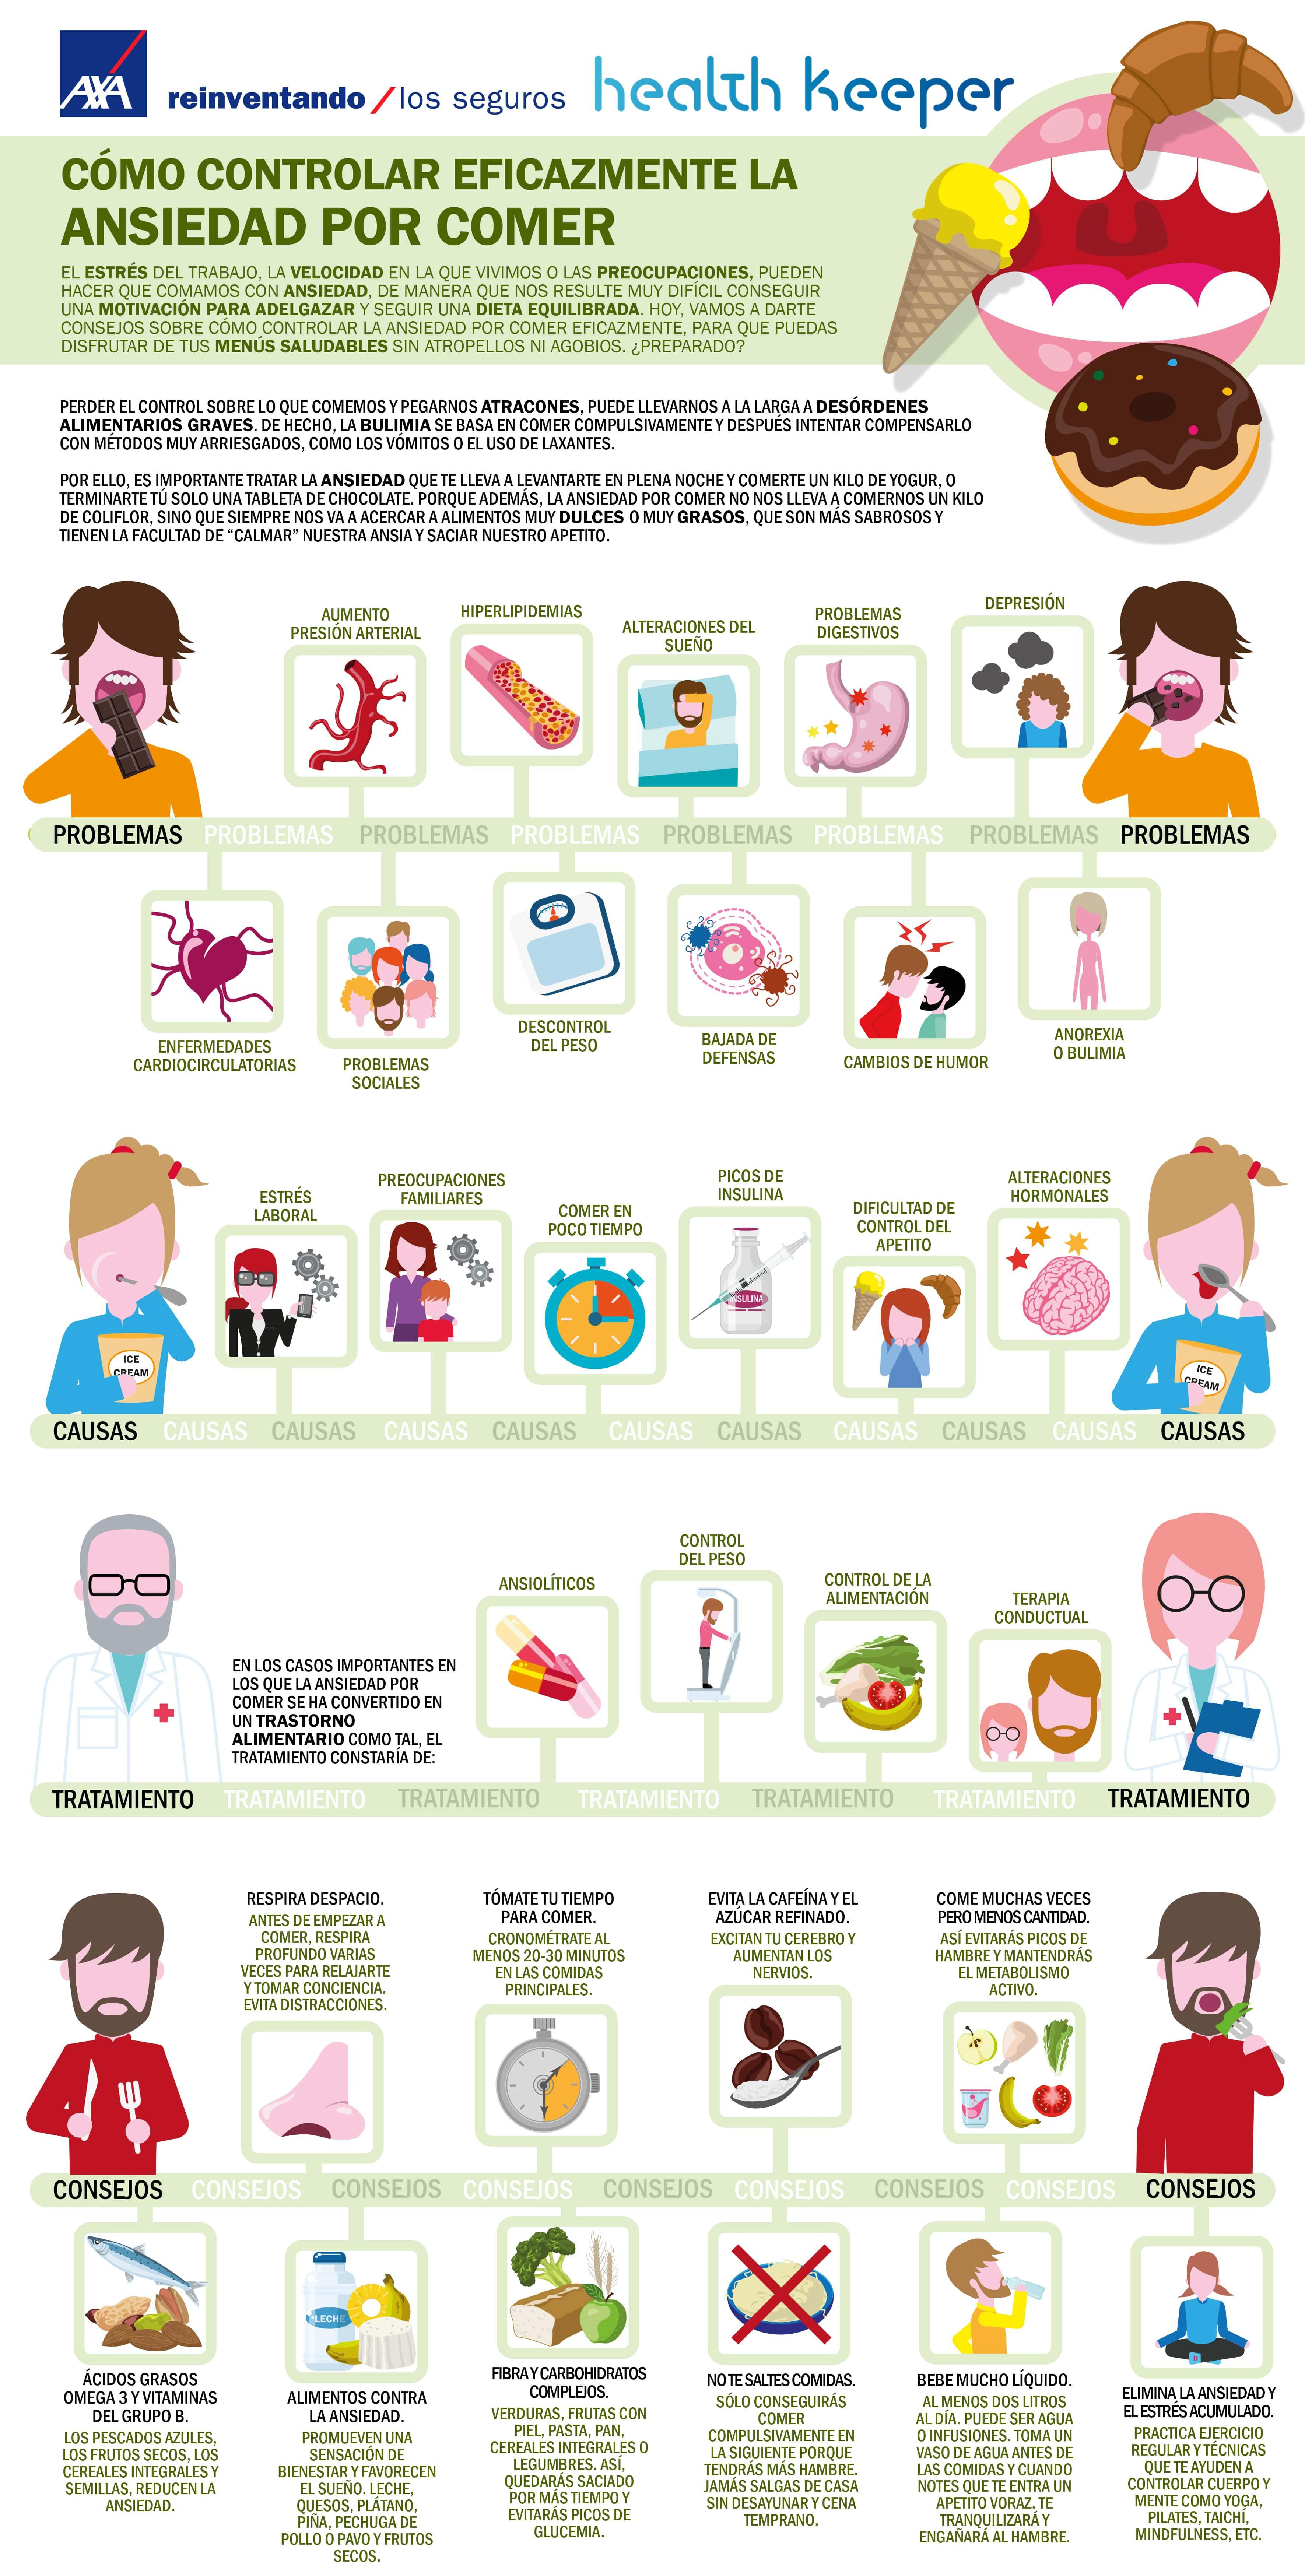 Cómo controlar la ansiedad por comer eficazmente - Infografía